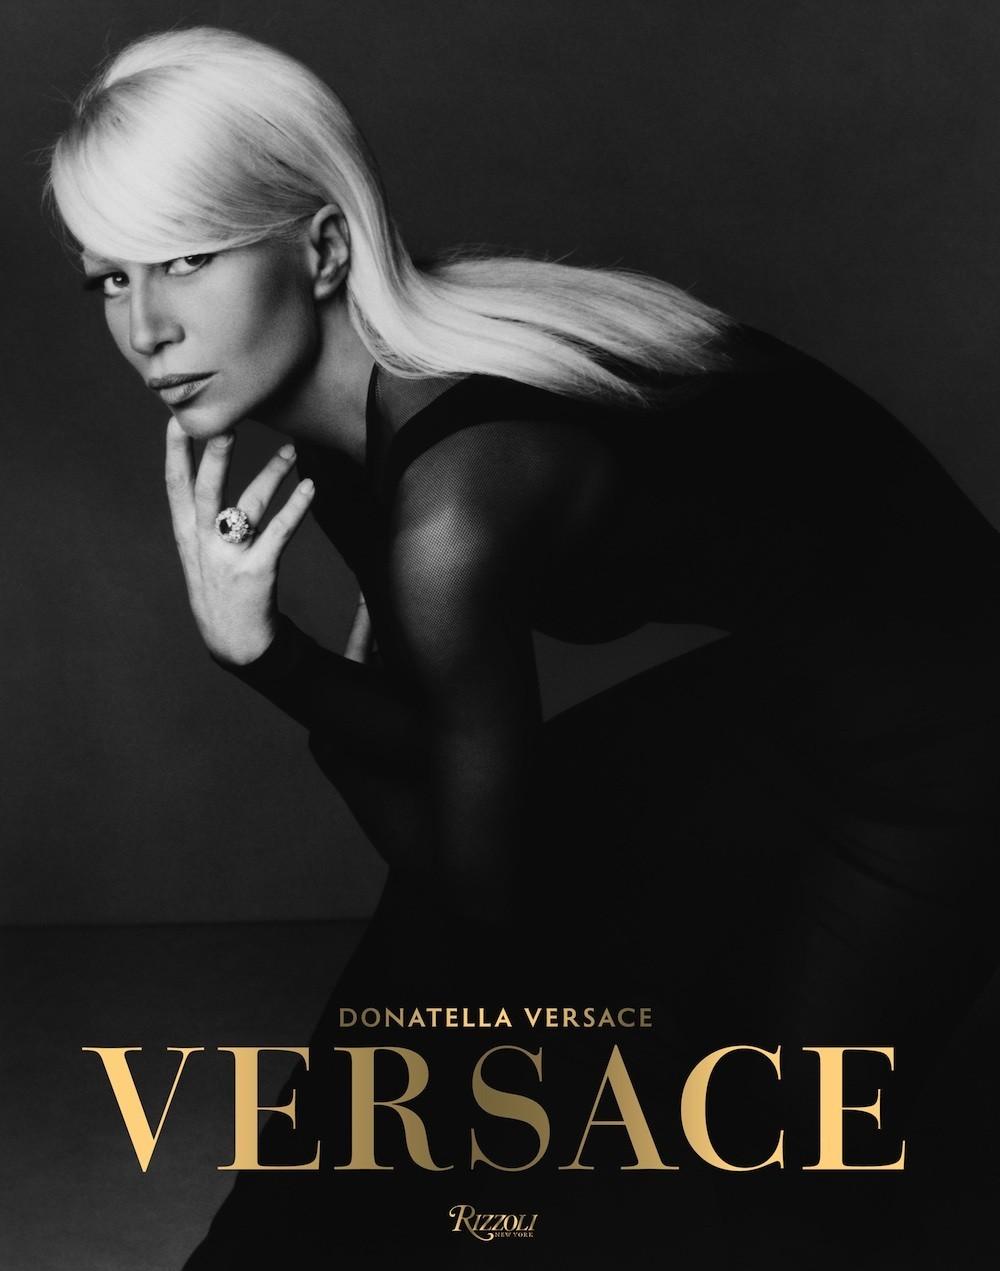 donatella-versace-brengt-een-boek-uit-over-het-modehuis-versace-7805